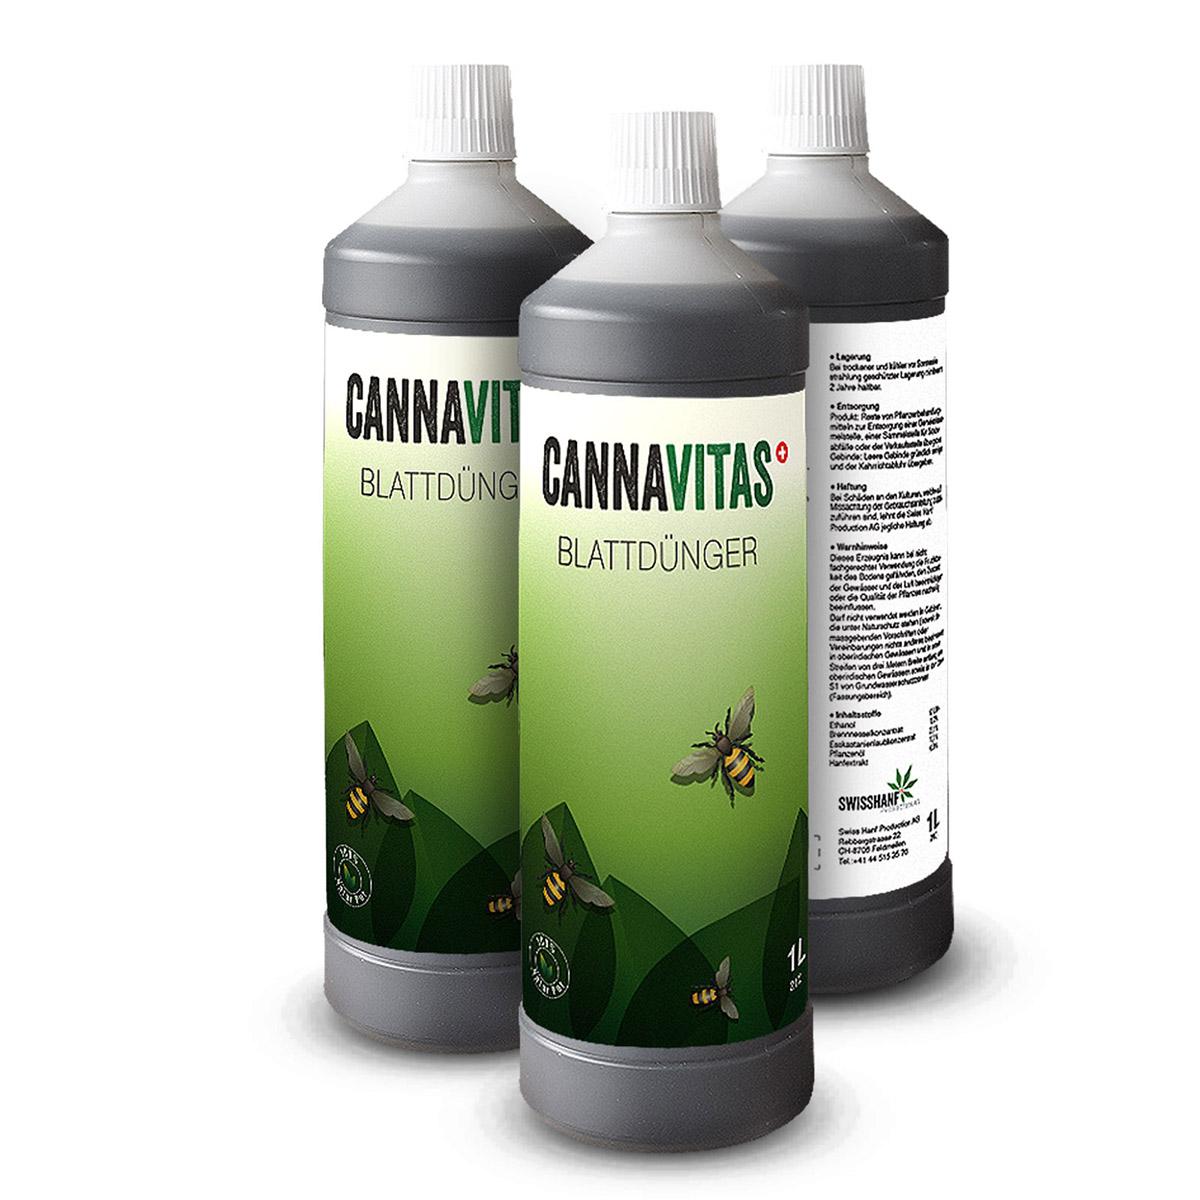 Swiss Hanf AG - Cannavitas 1-Liter-Flasche